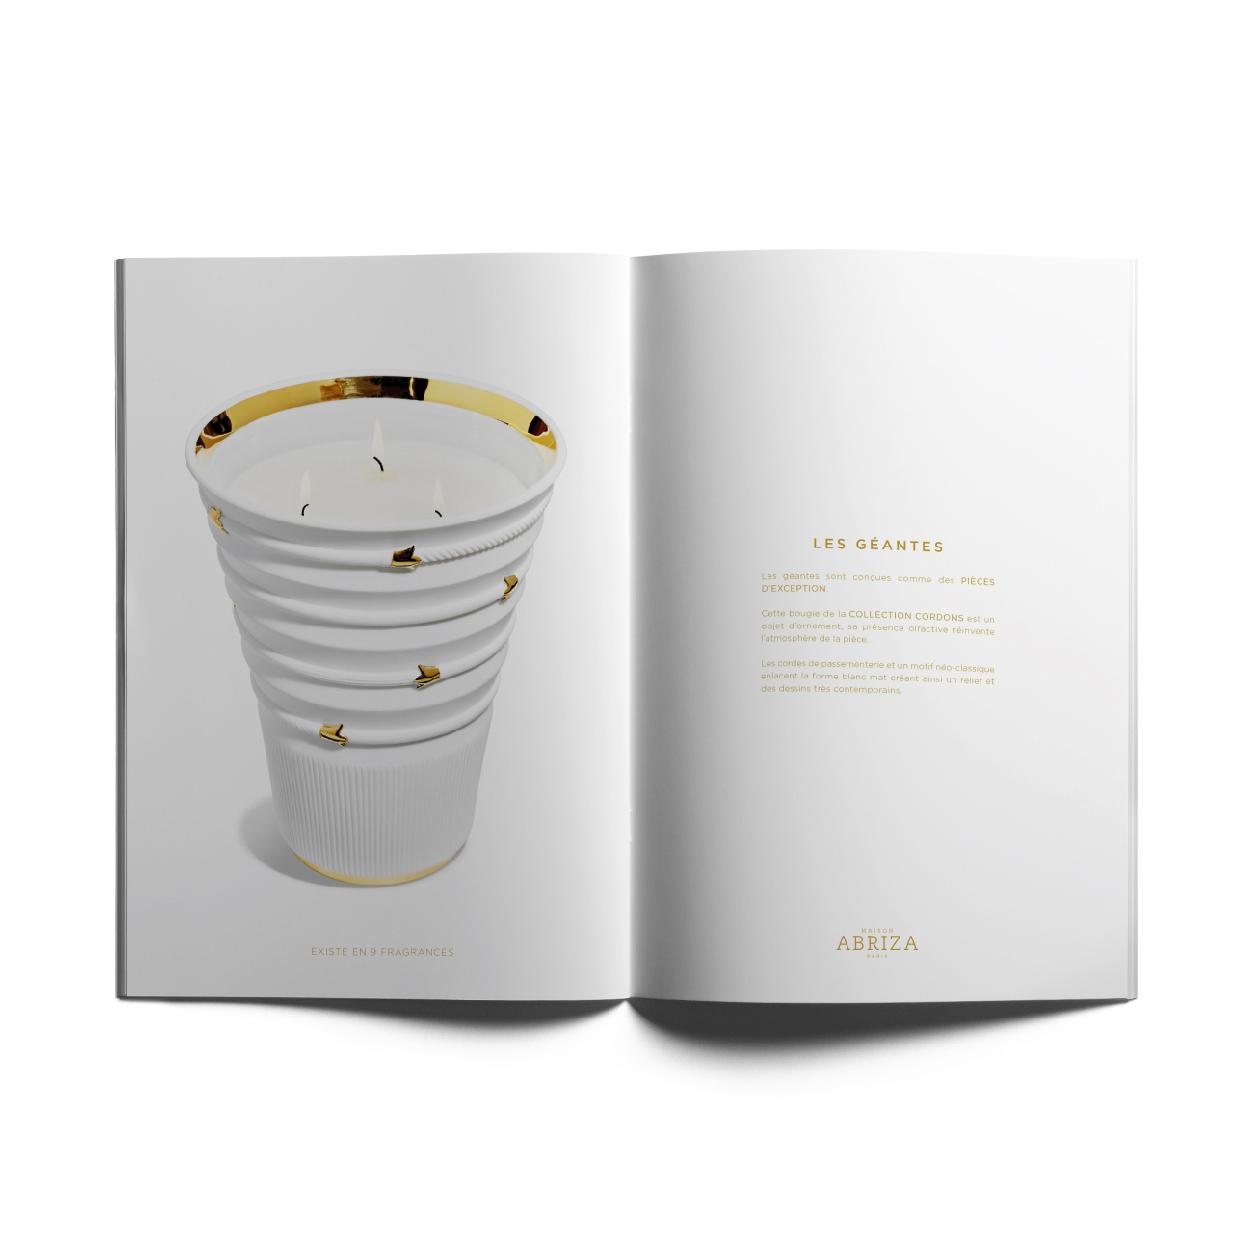 Création logo papeterie packaging design produit MAISON ABRIZA PARIS